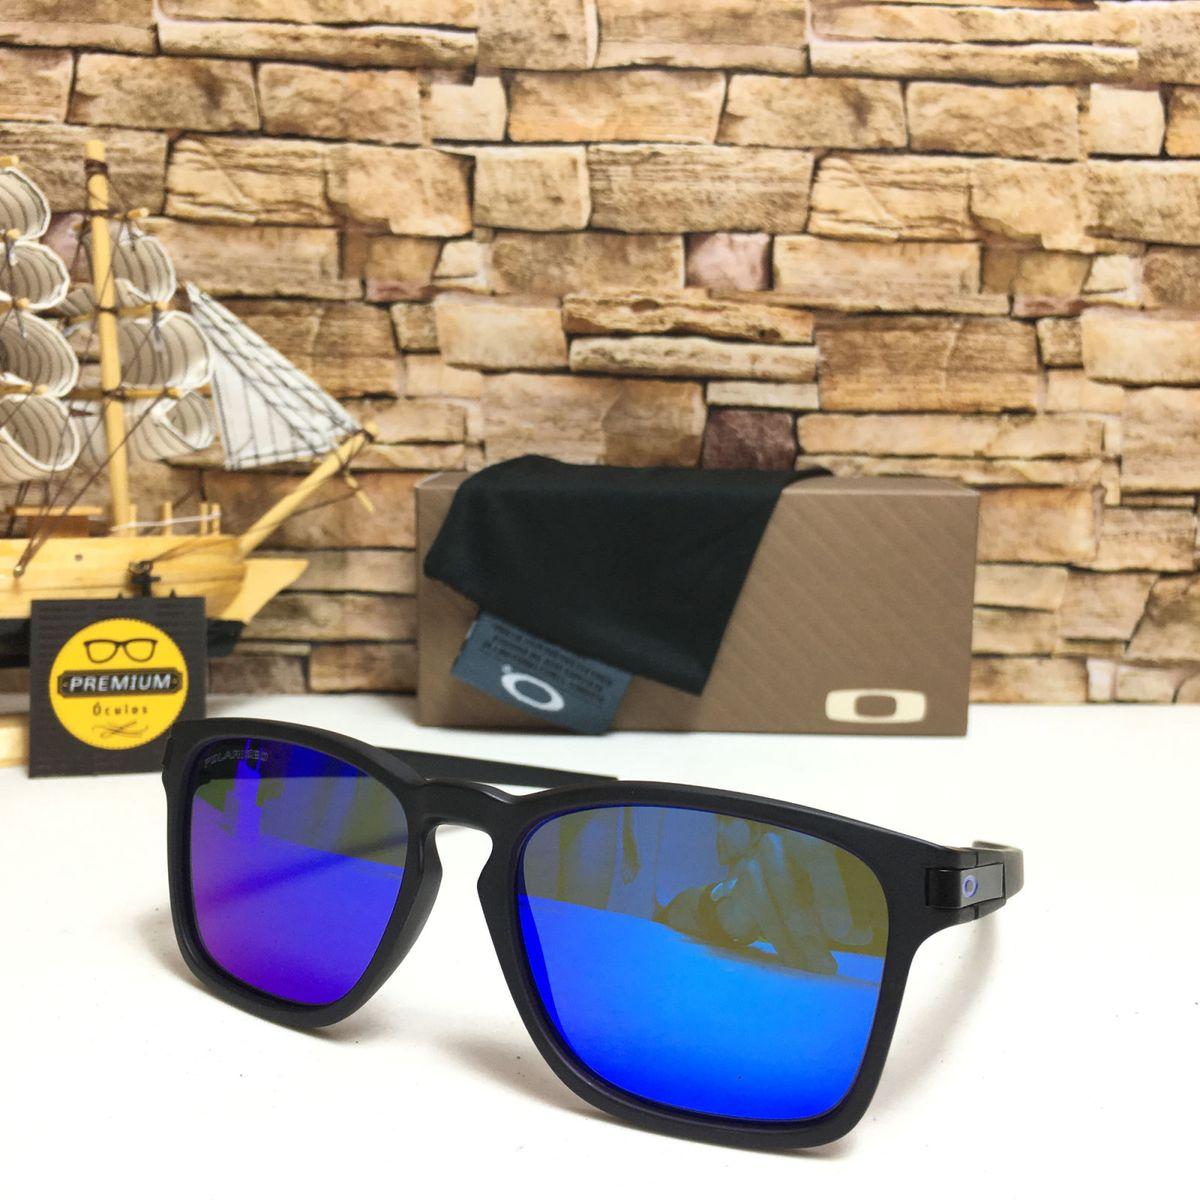 oculos de sol latch squared azul - óculos oakley.  Czm6ly9wag90b3muzw5qb2vplmnvbs5ici9wcm9kdwn0cy81mjy2mdc0lzjlyjyznte4mjuyntixodi3ogjhnmzhotnmzmywmdfmlmpwzw  ... 6a32895ef6